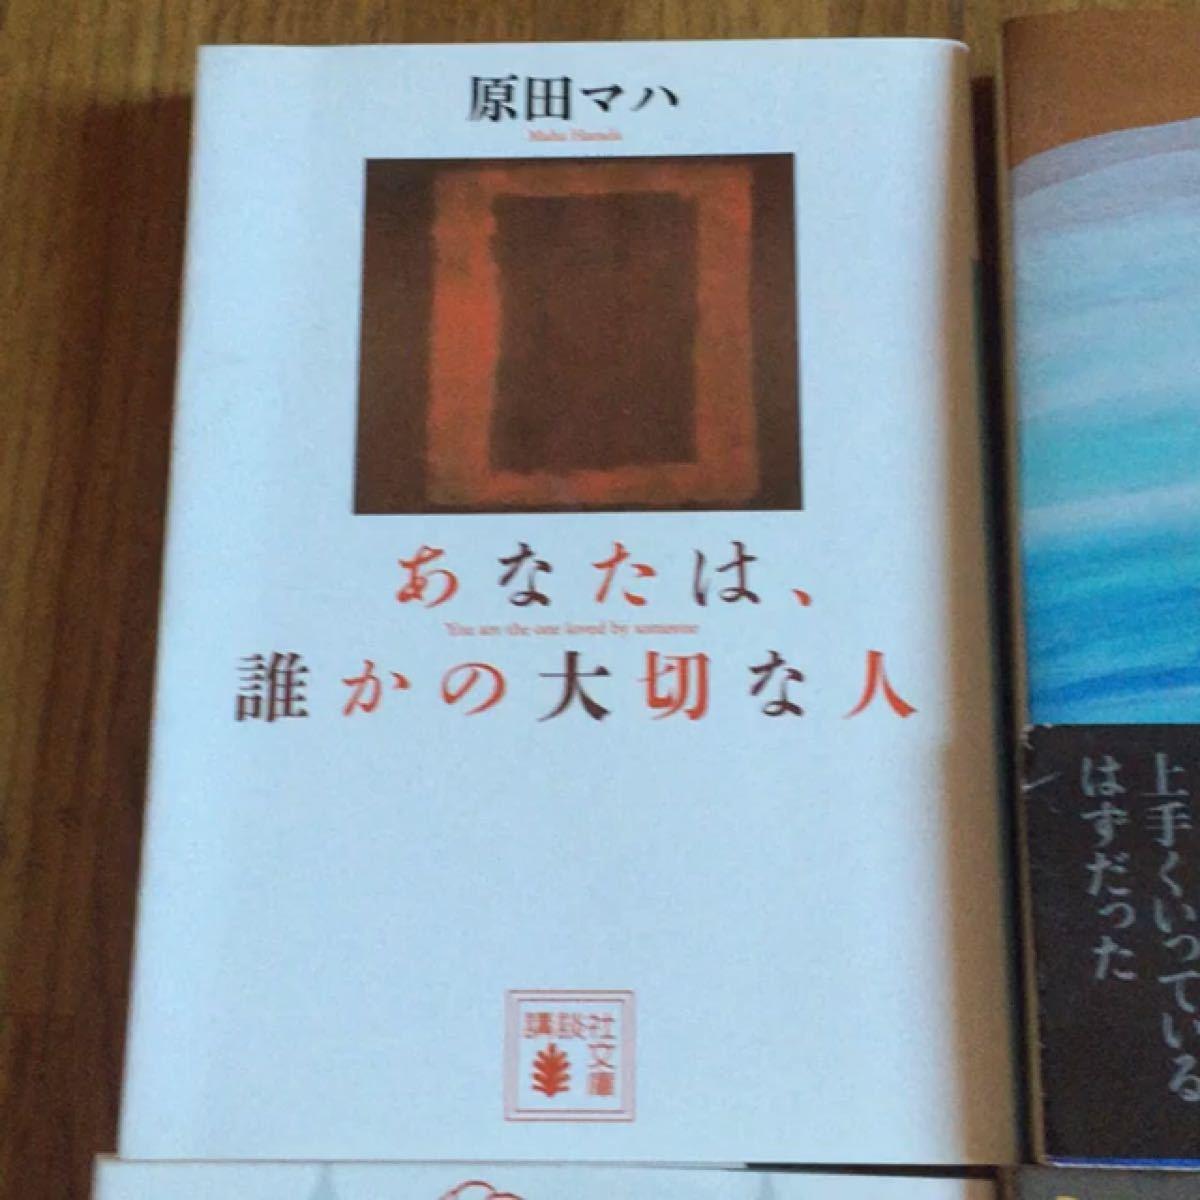 文庫本6さつ